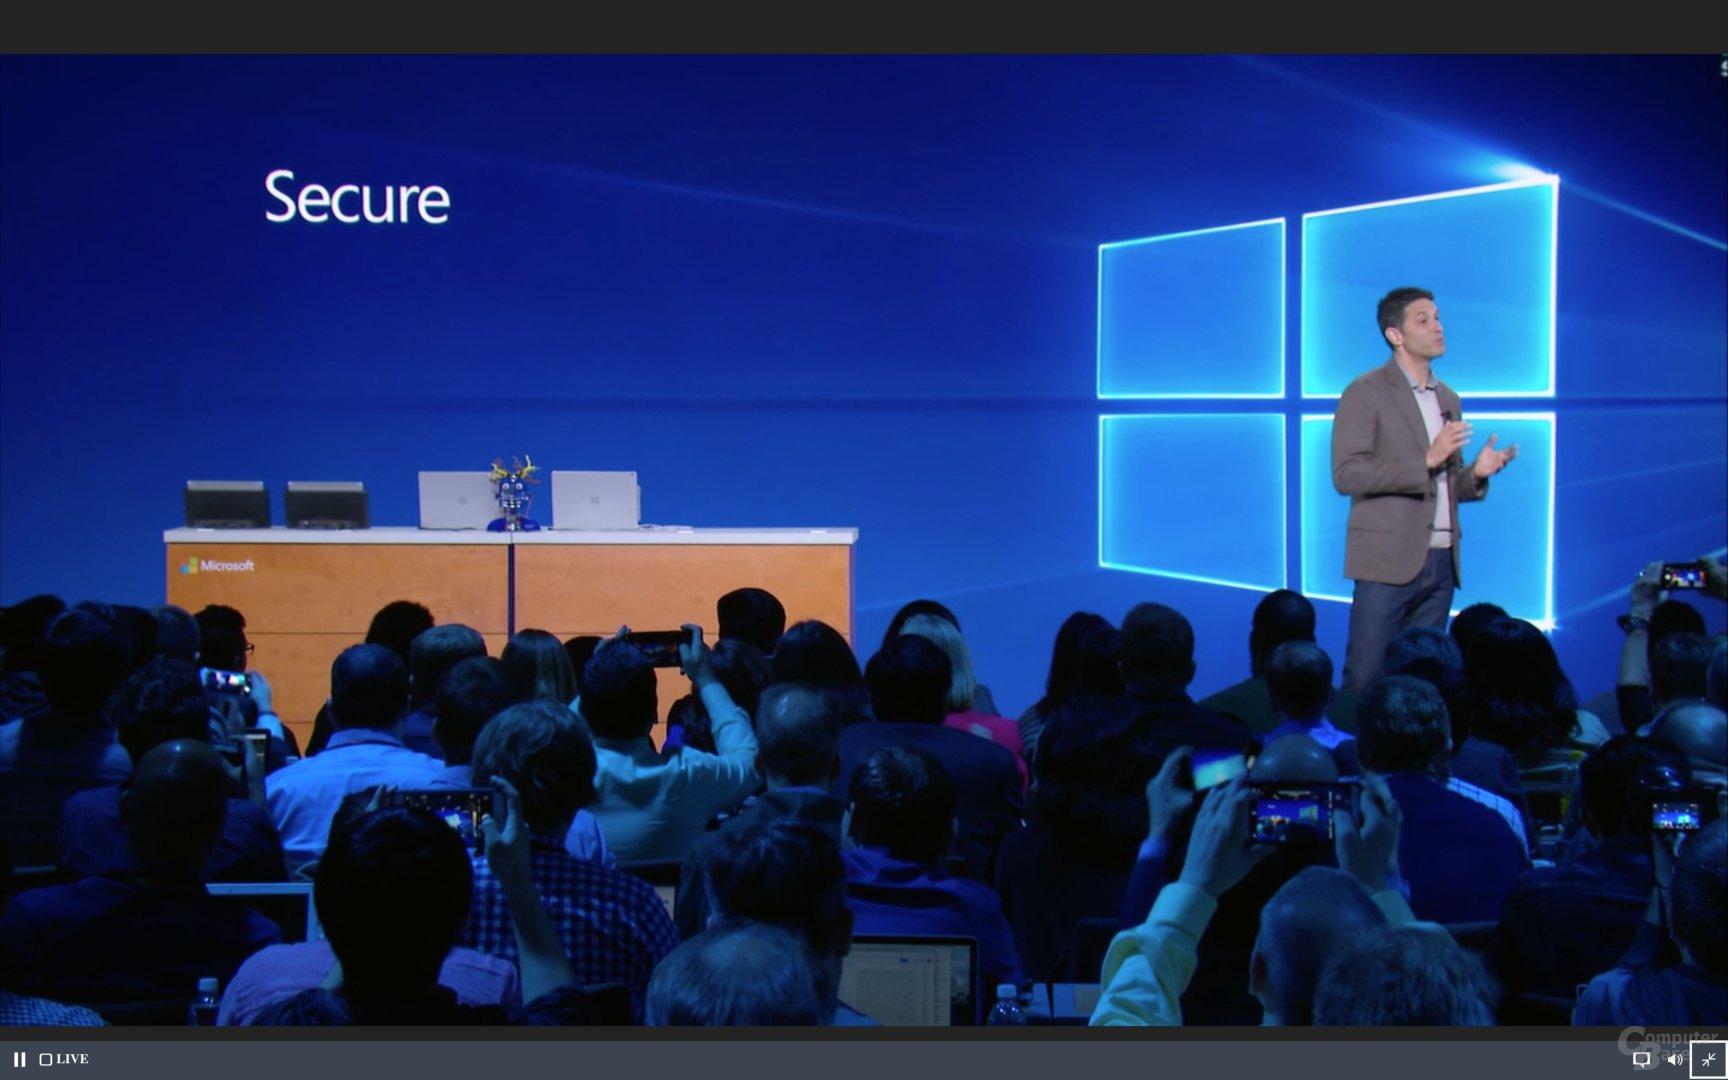 Windows 10 S steht für - Secure